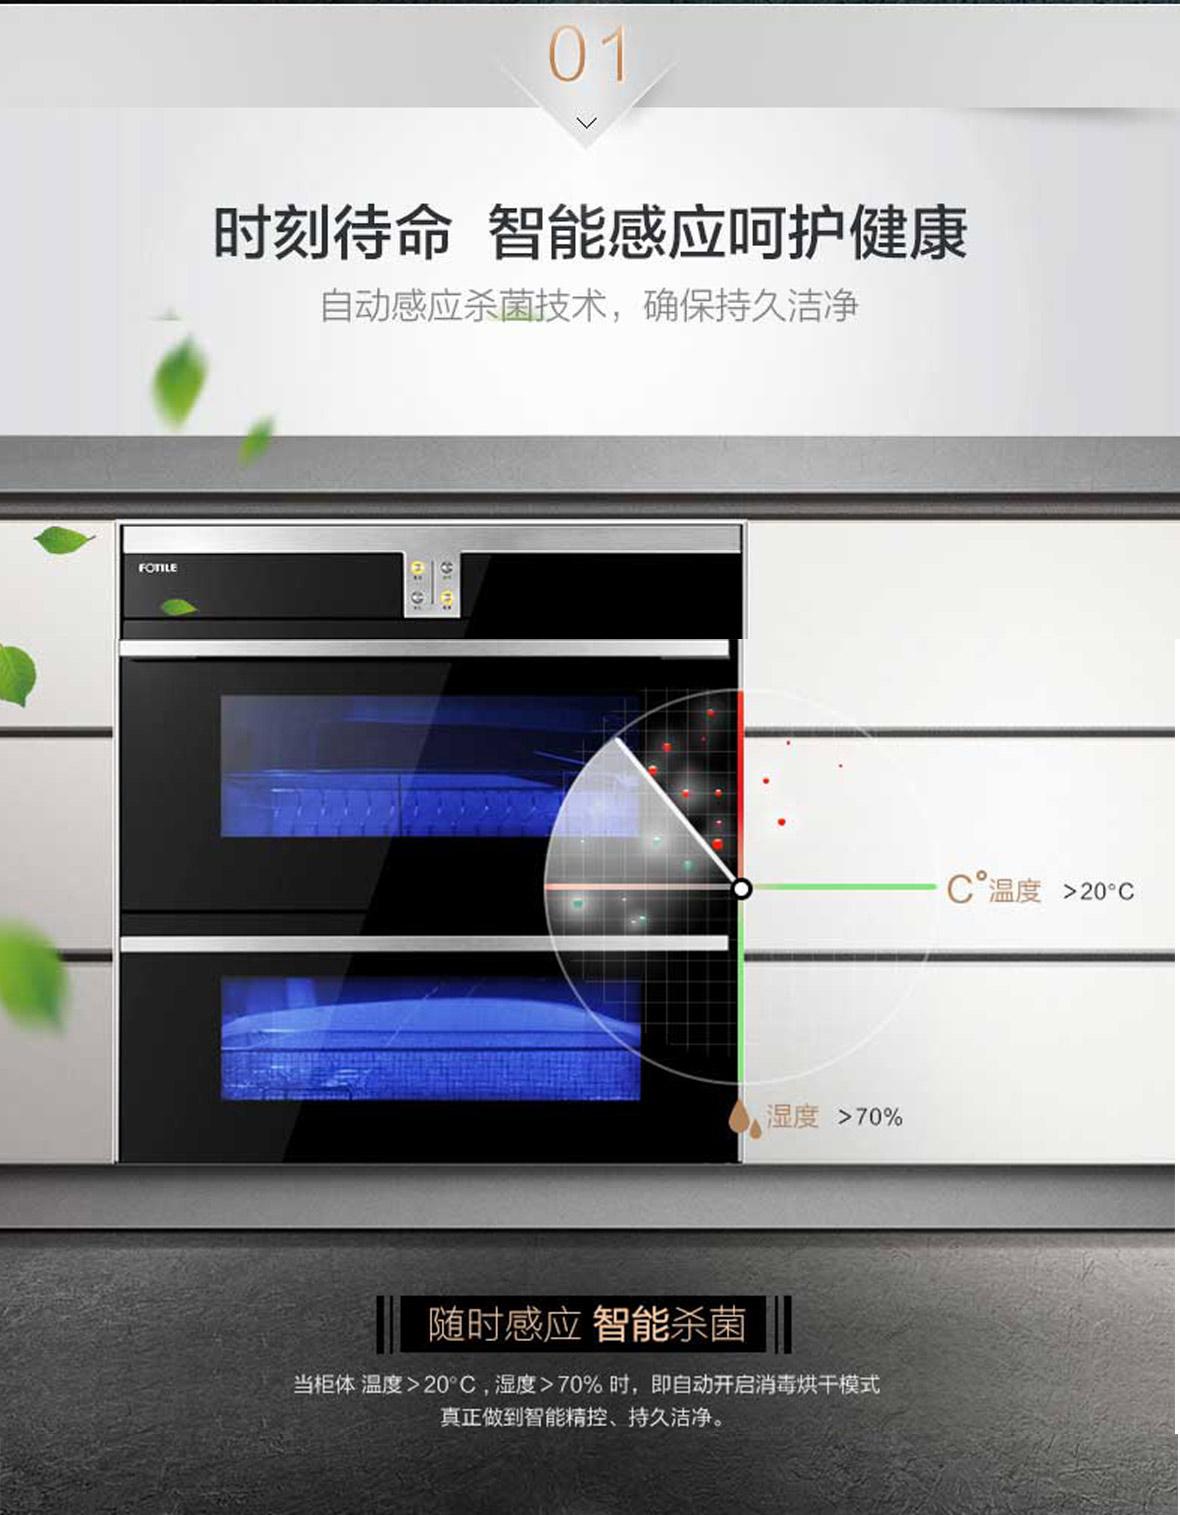 方太消毒柜 嵌入式 ZTD-100F-WH1型号 智能杀菌